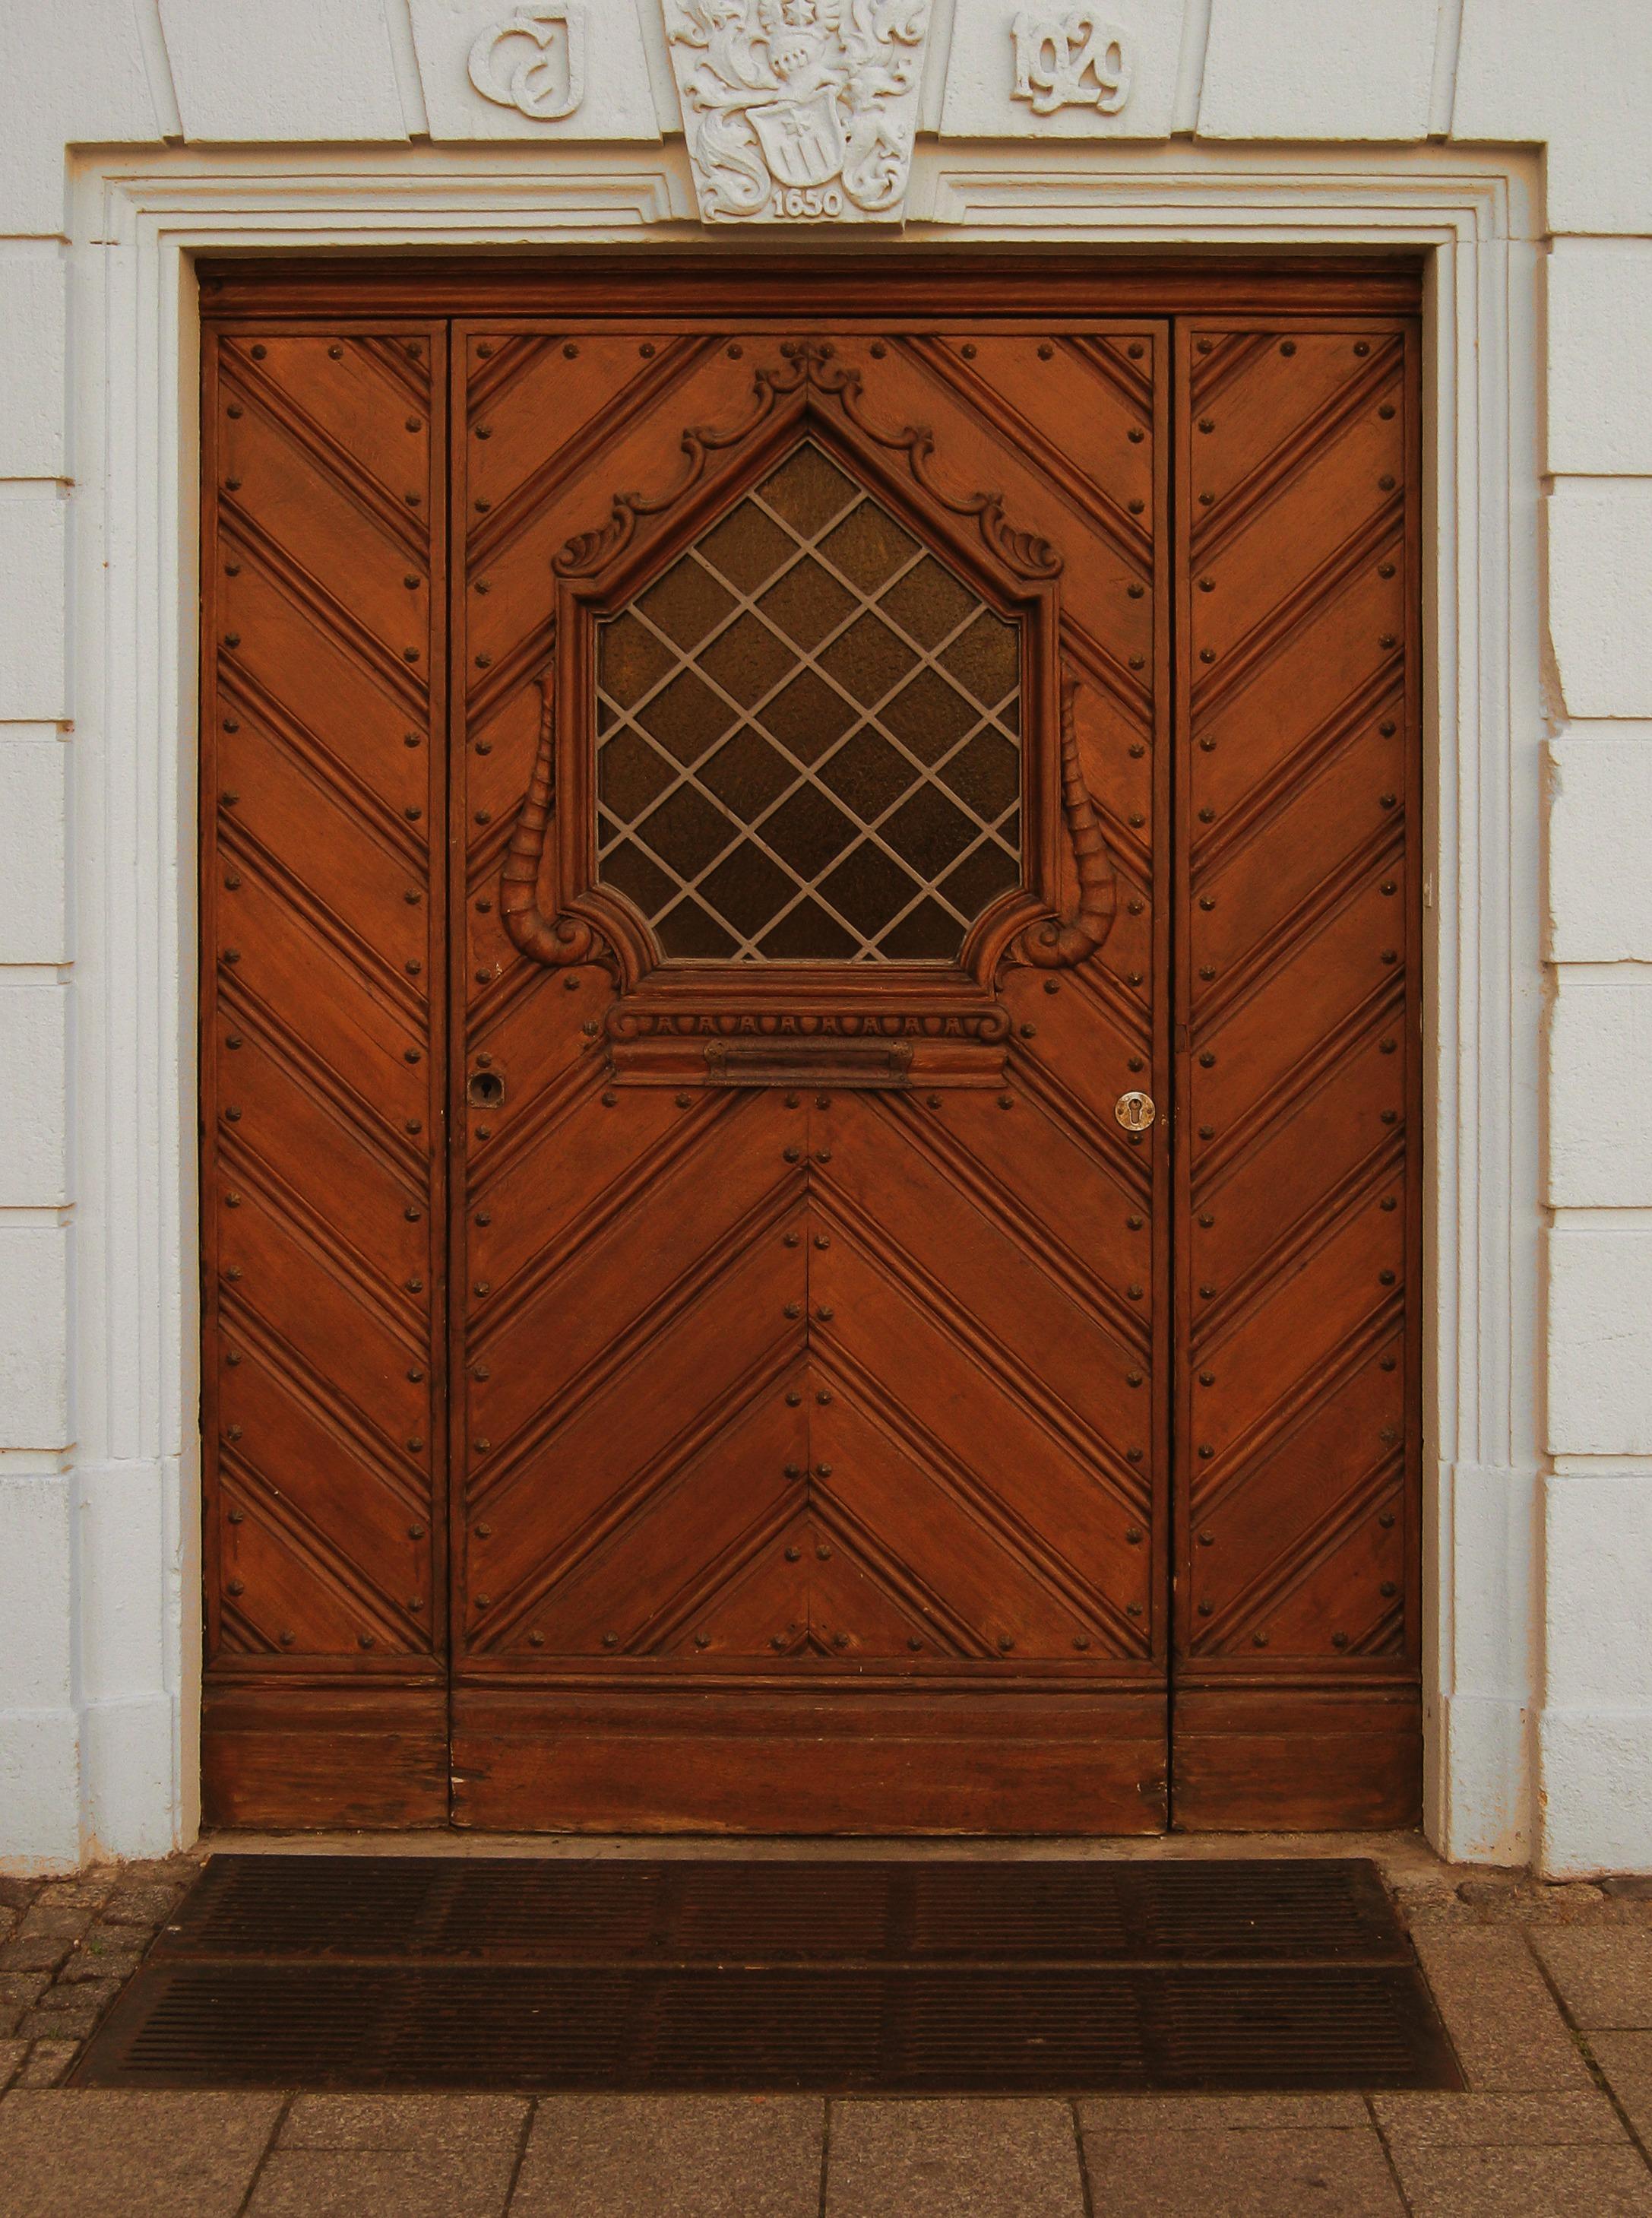 Vieux Portail En Bois images gratuites : architecture, bois, fenêtre, bâtiment